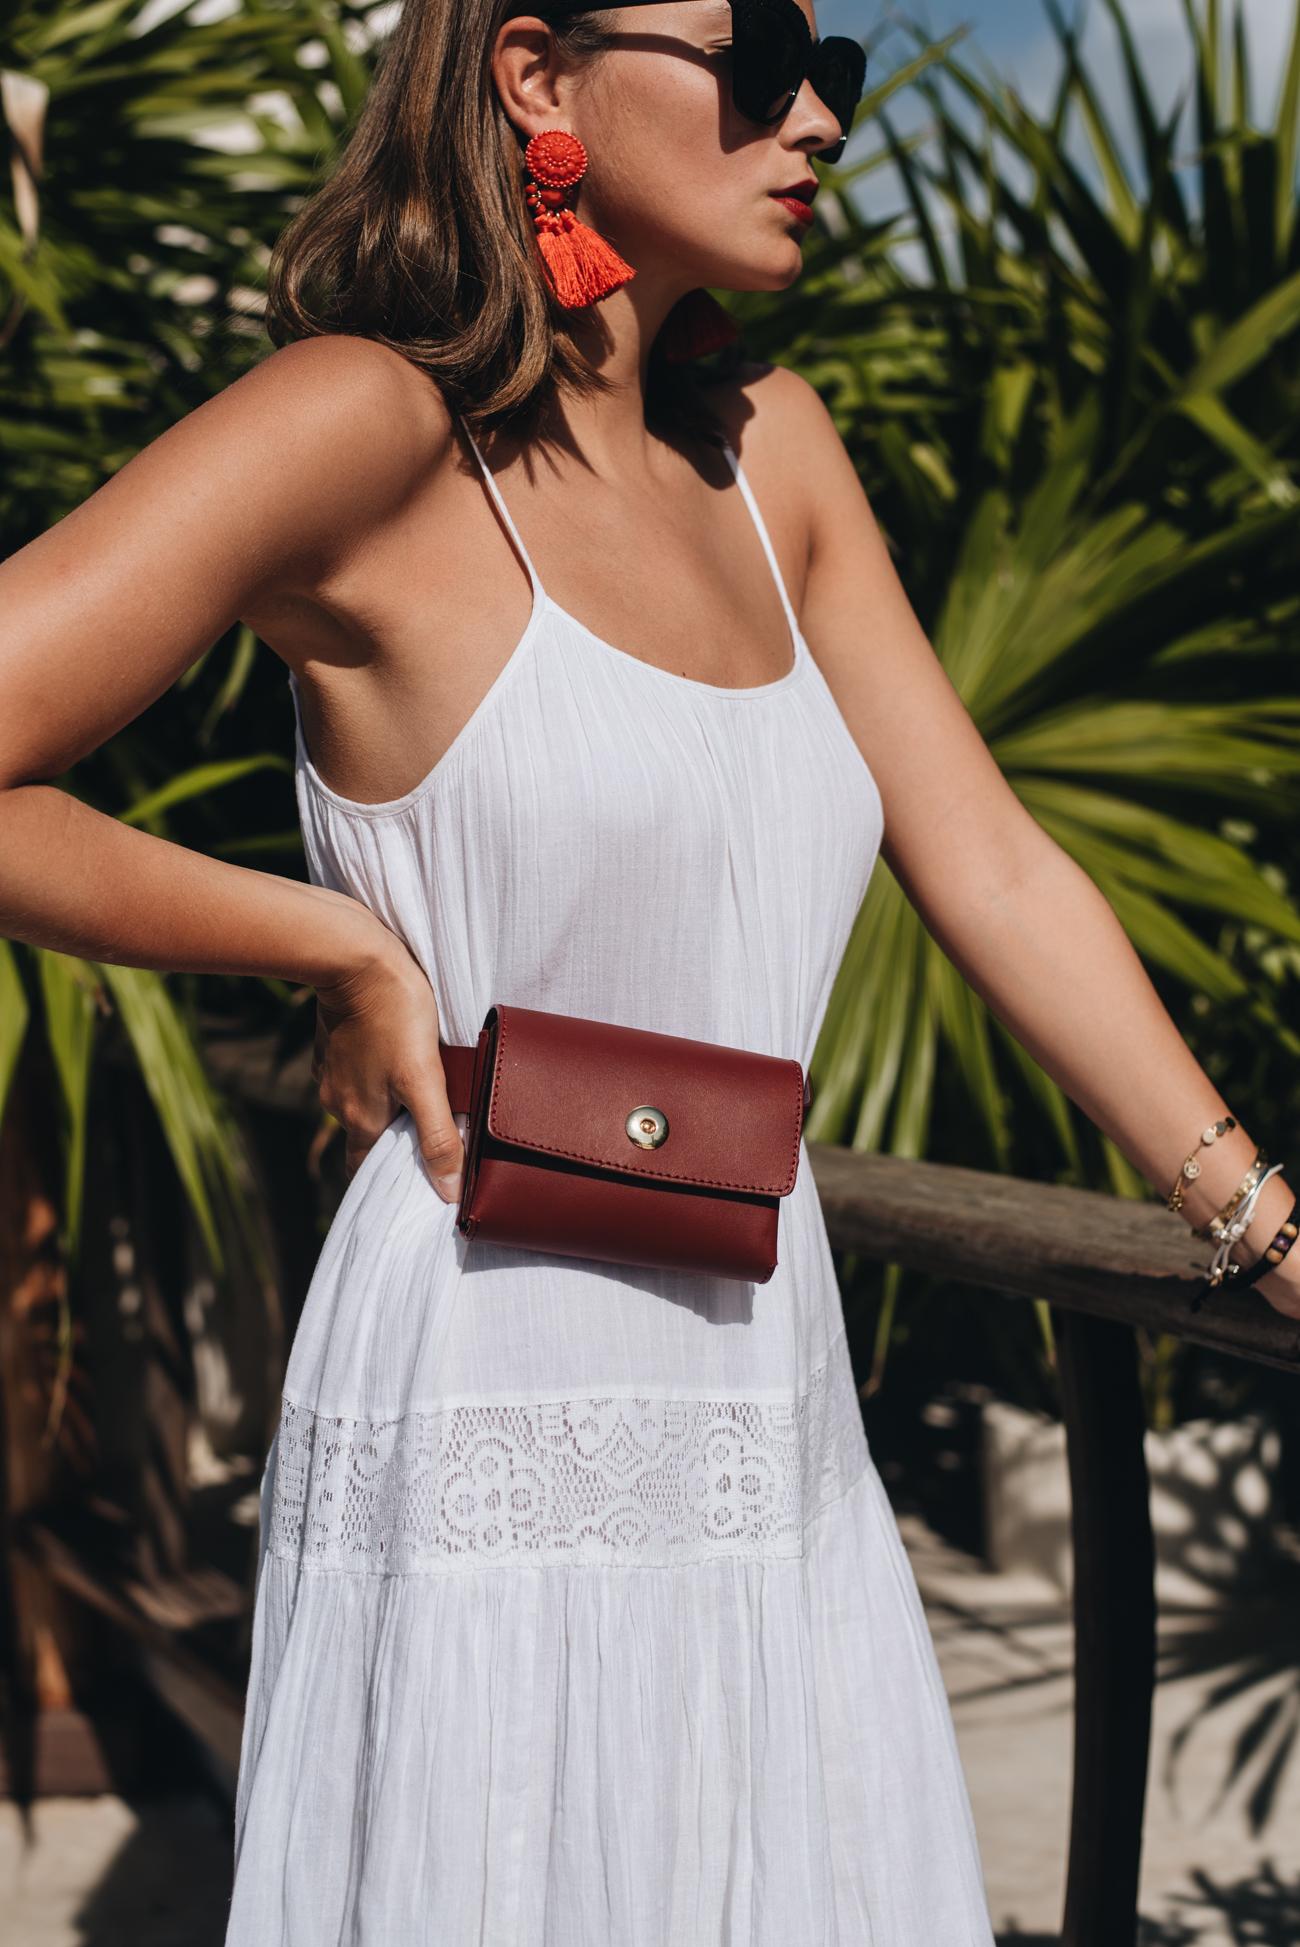 mode-bloggerin-nina-schwichtenberg-mode-trends-2018-weiße-sommerkleider-fashiioncarpet